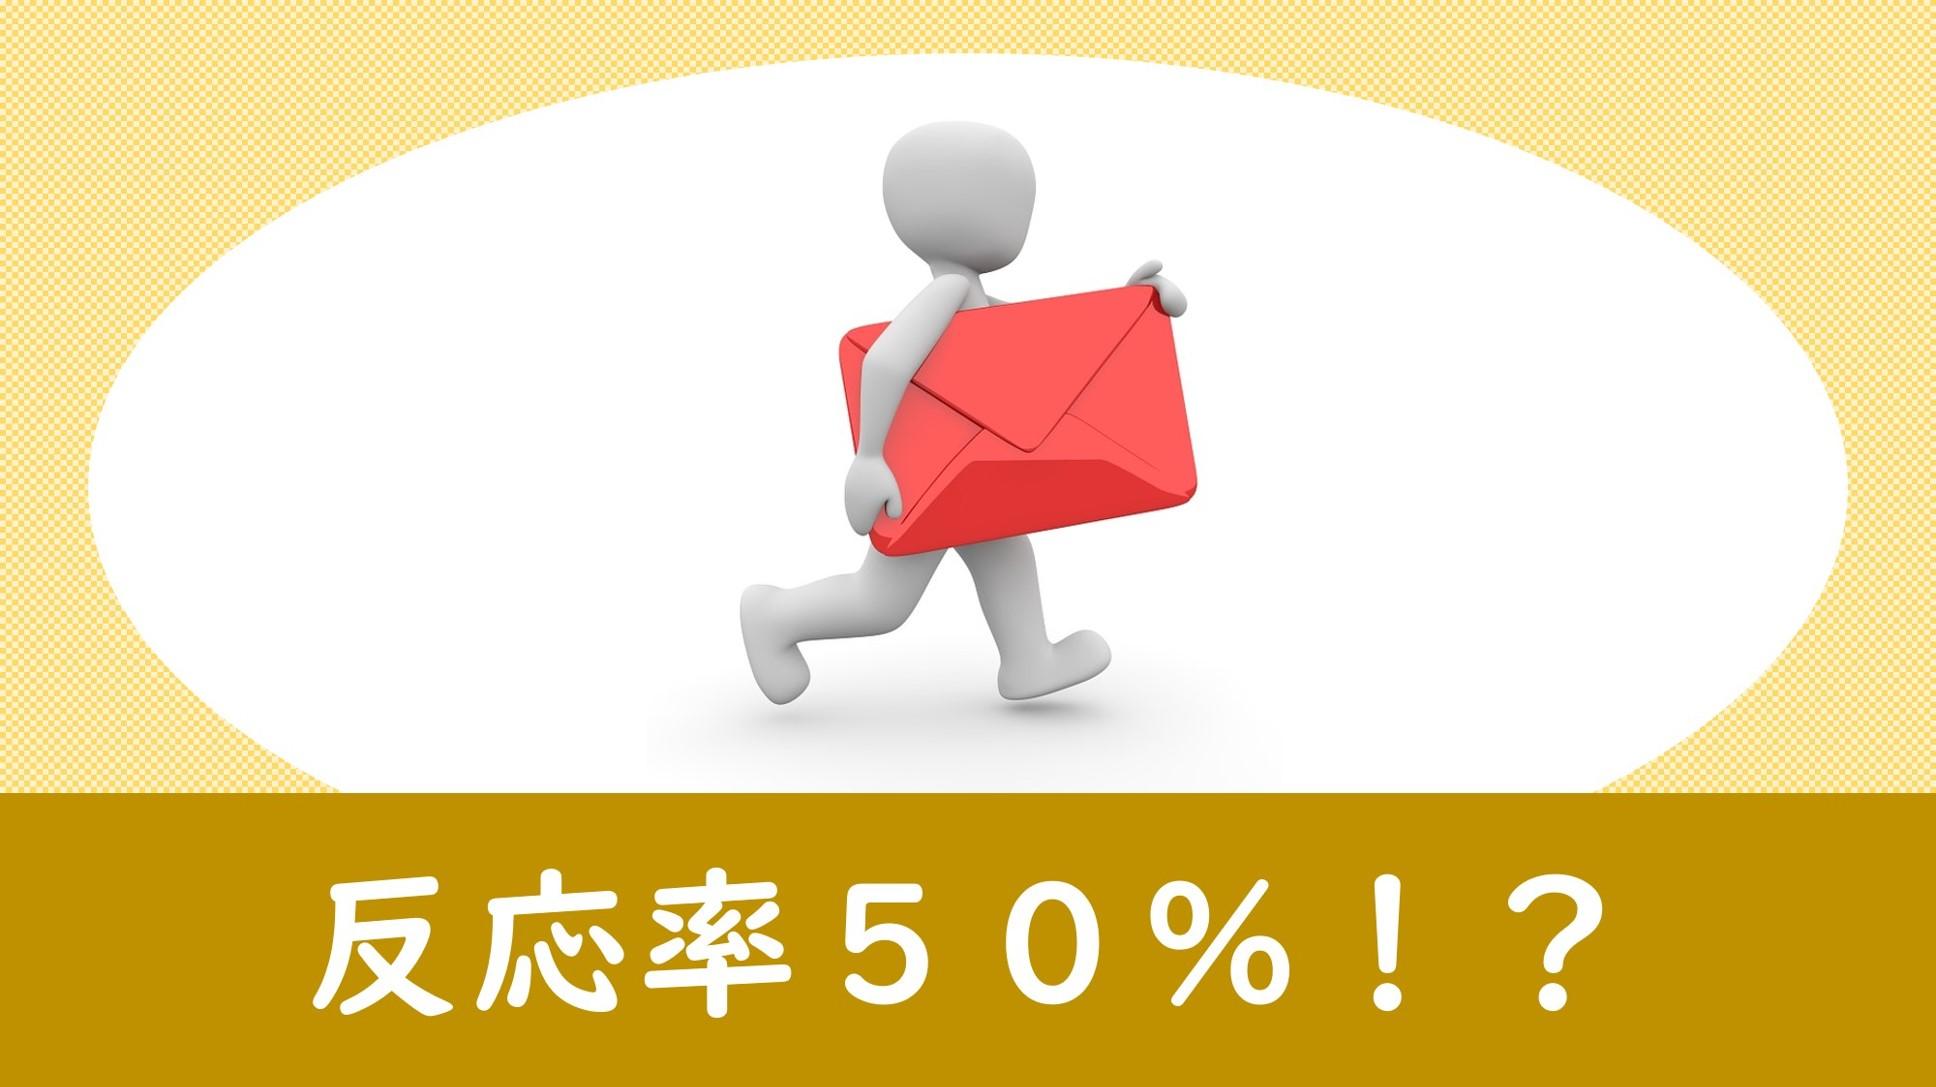 【成功事例】DM・チラシで反応率50%越え!?「1分で分かる」アナログ施策の鉄則